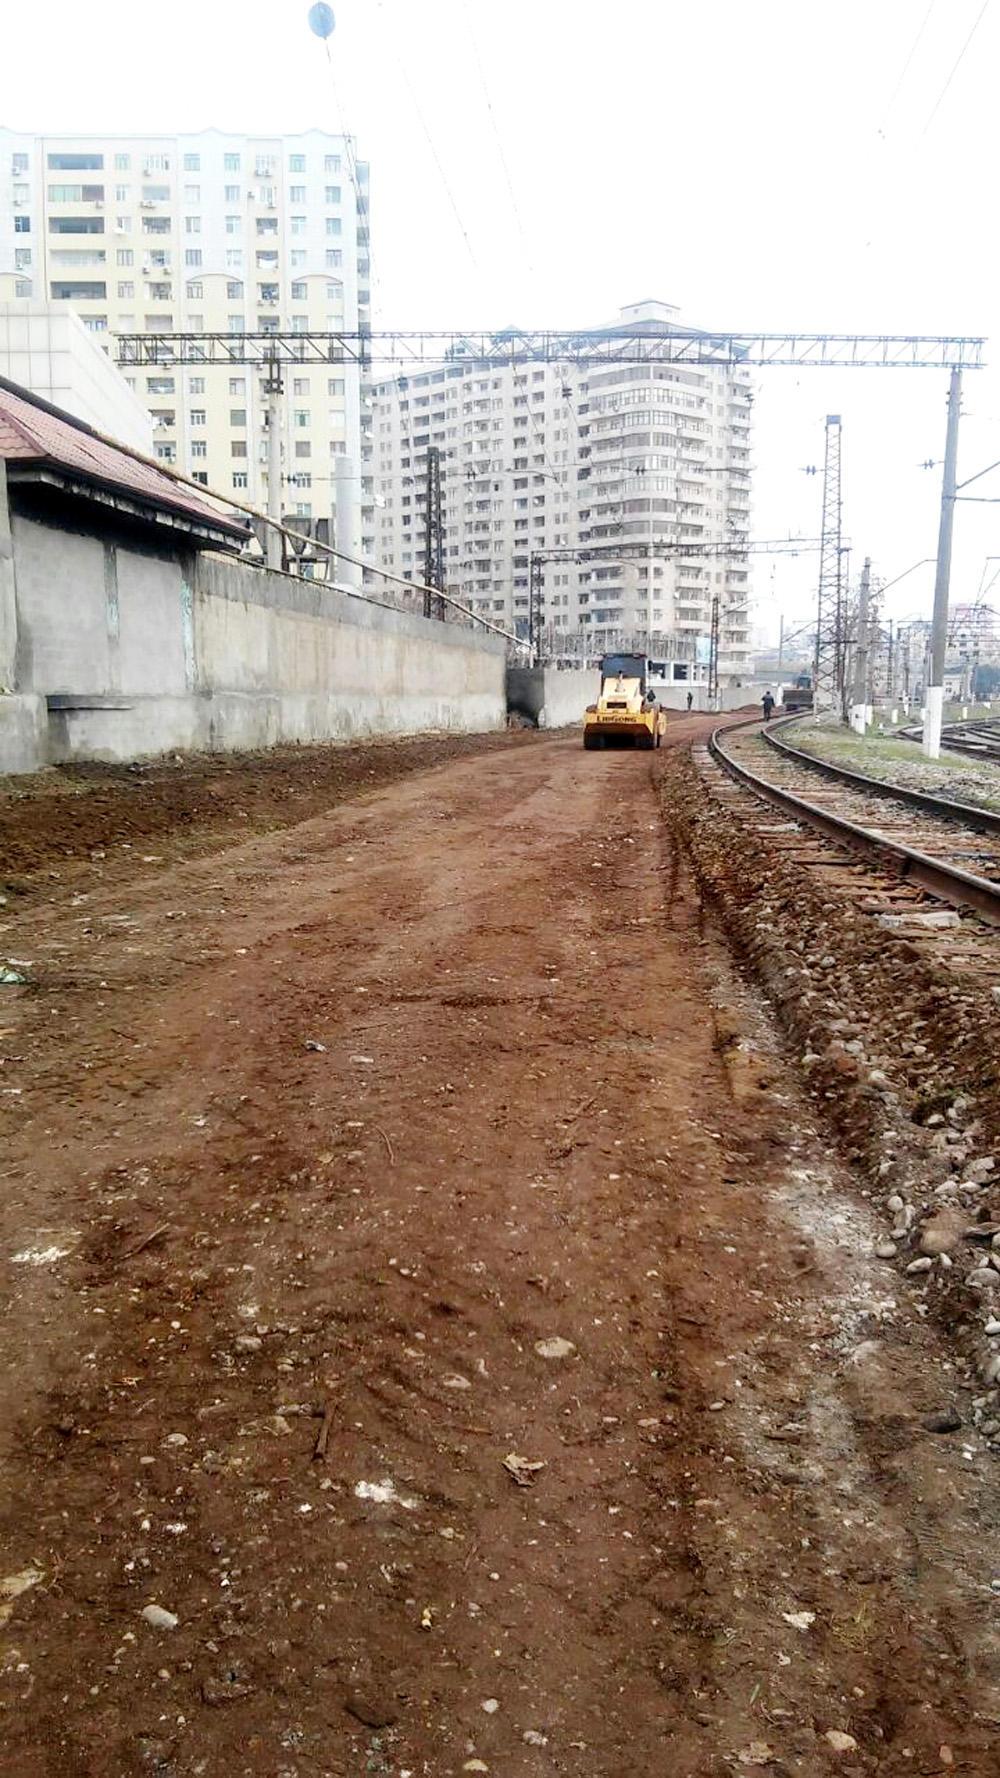 Bakı-Zabrat-Sumqayıt dəmir yolunun əsaslı təmiri davam edir (FOTO)